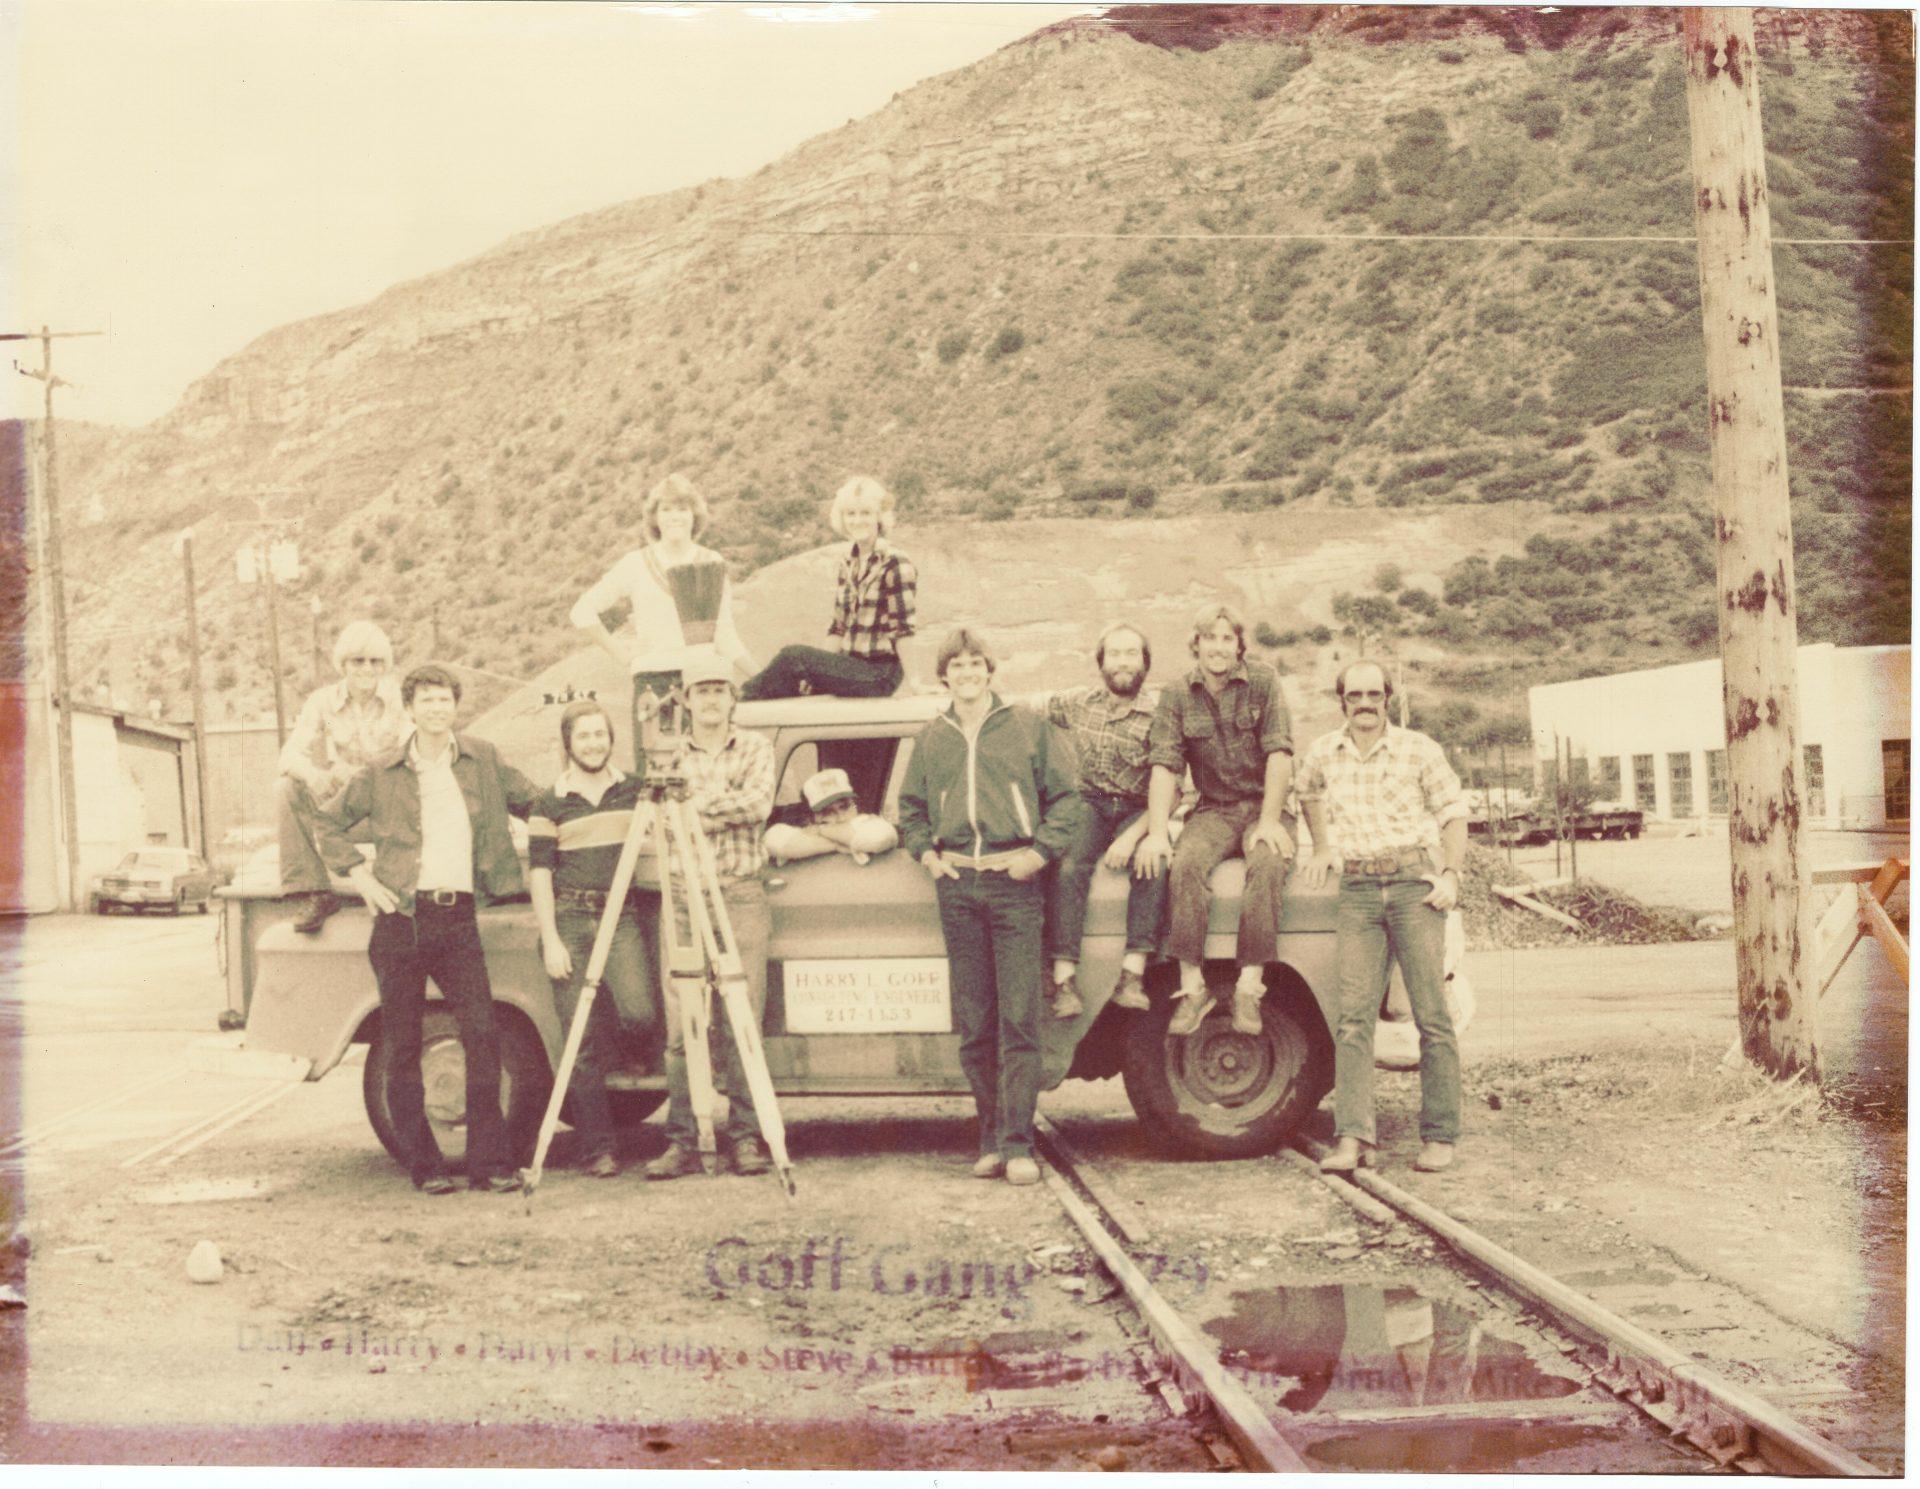 1979 Goff Gang